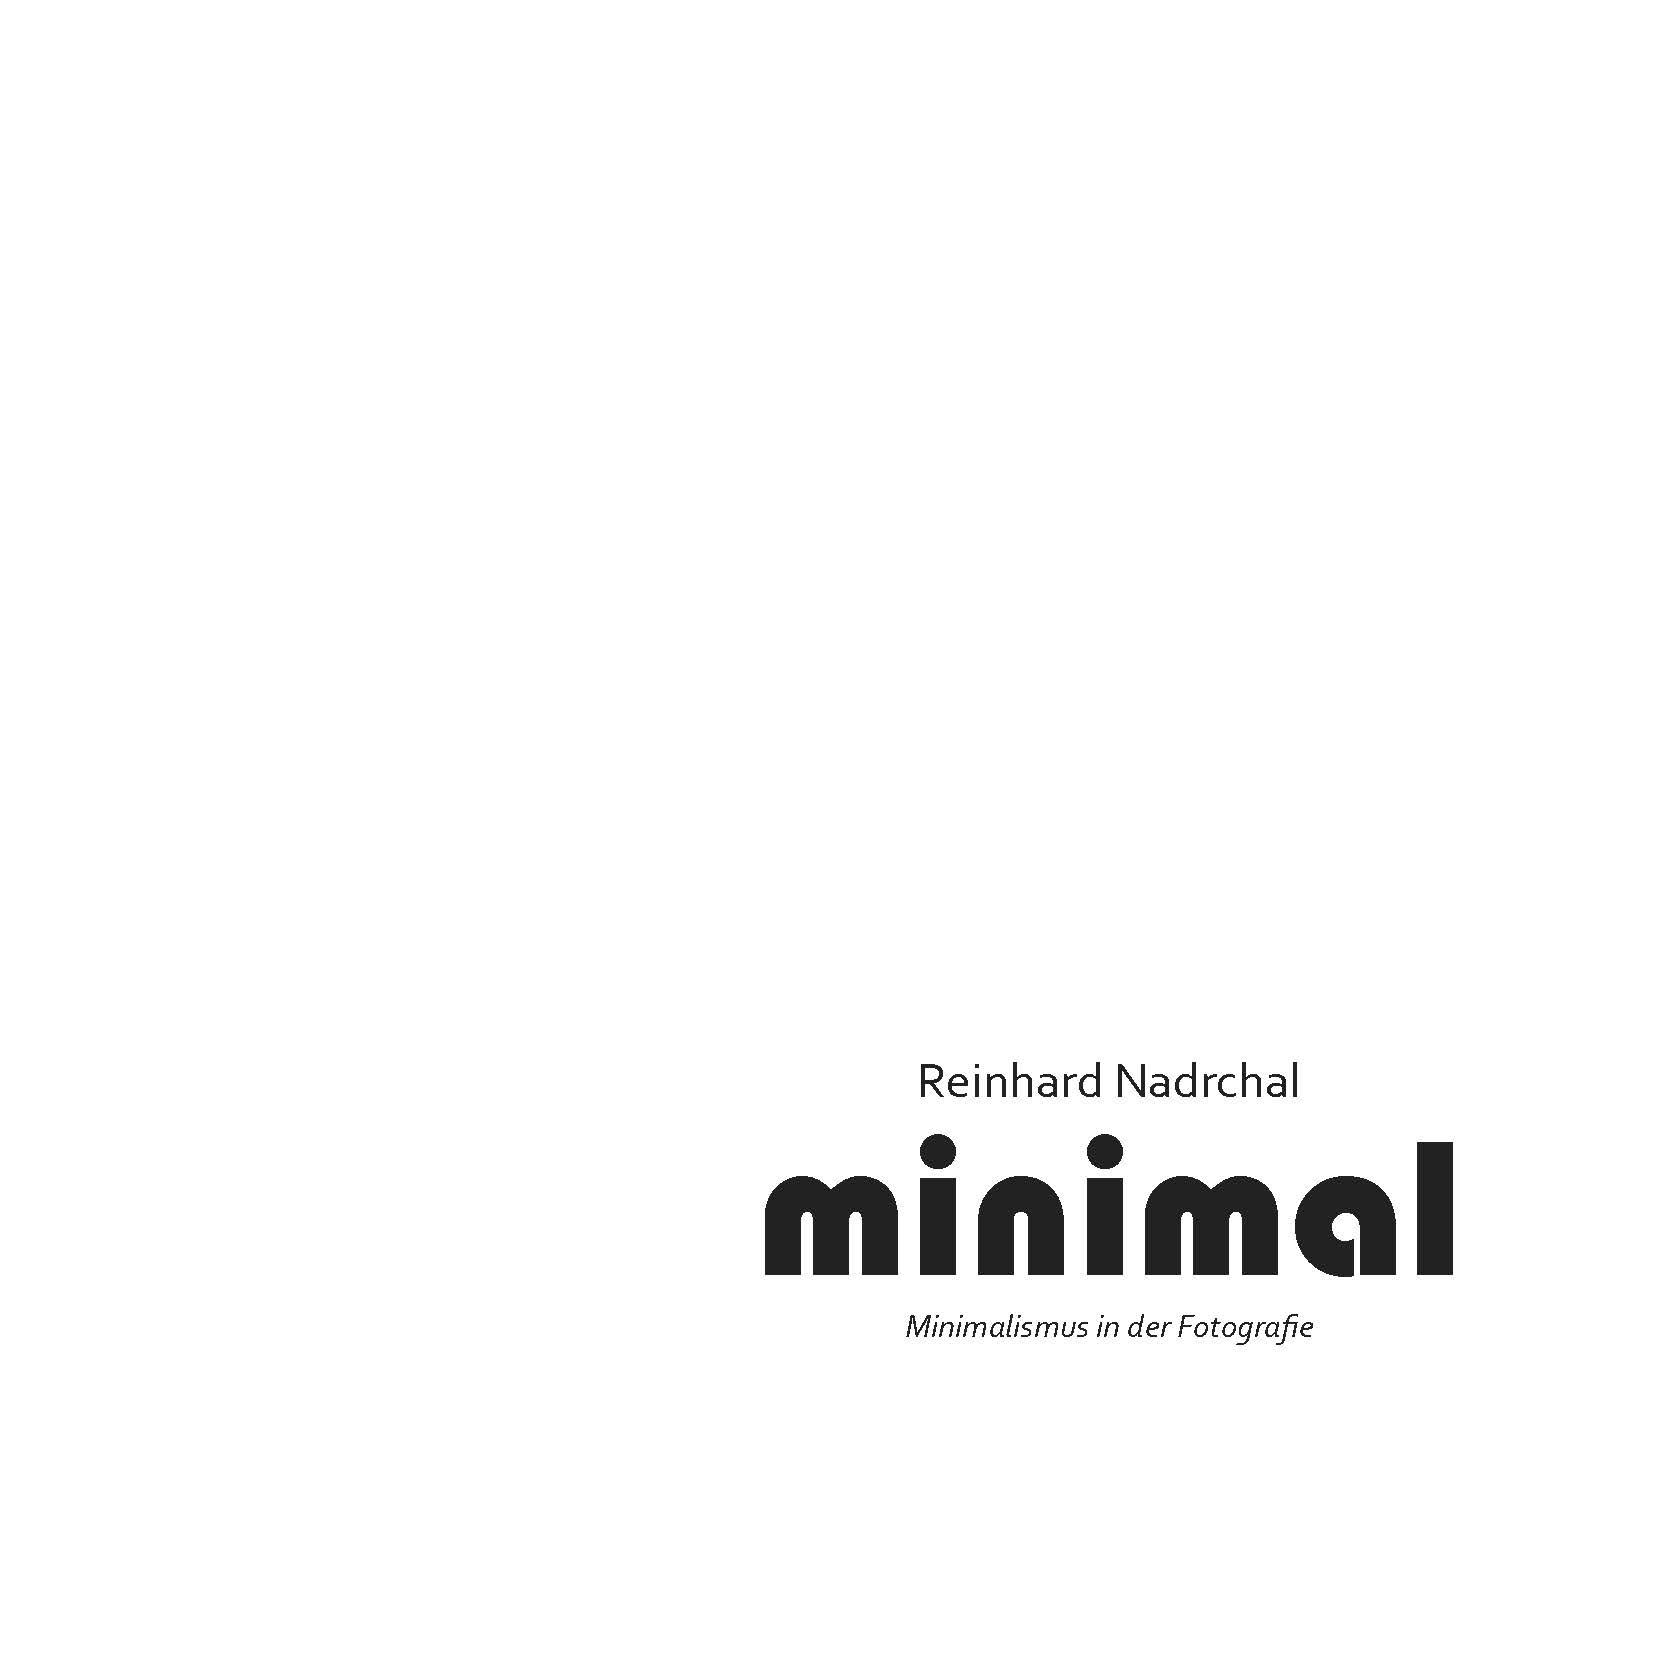 Copyright auf das gesamte Werk: Reinhard Nadrchal